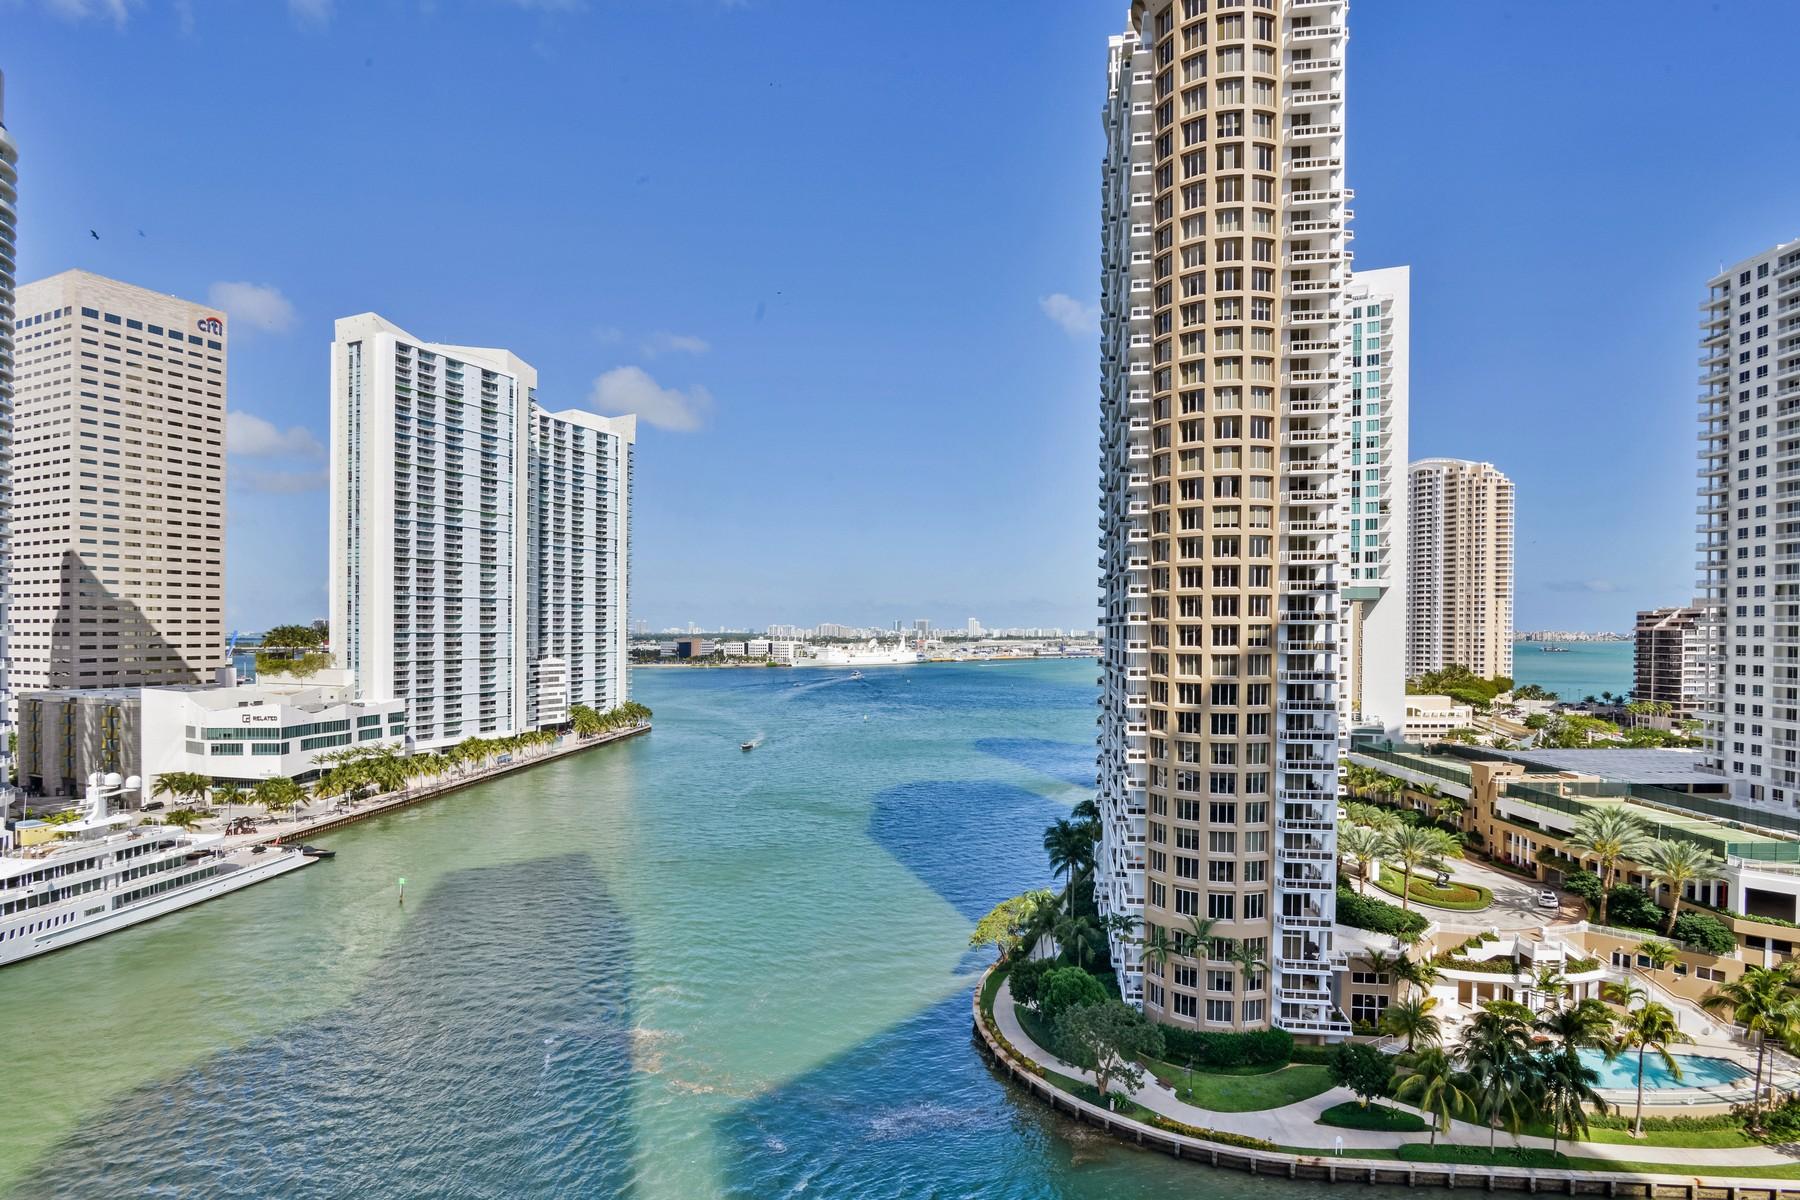 Condominium for Sale at 475 Brickell Ave #4012 Miami, Florida 33131 United States